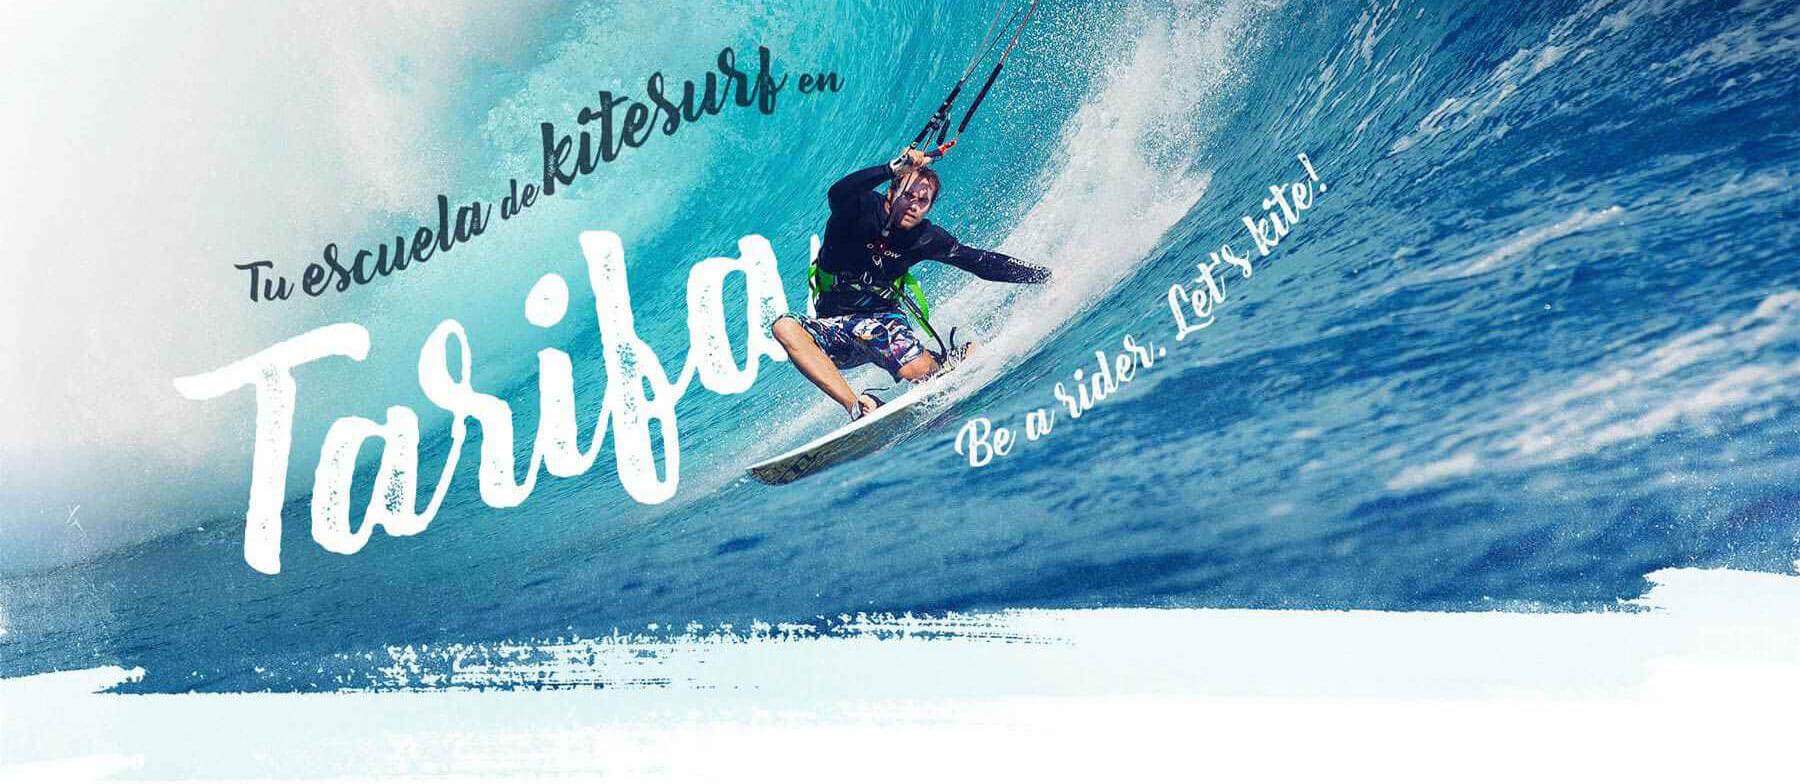 Radikite - Escuela de kitesurf en Tarifa